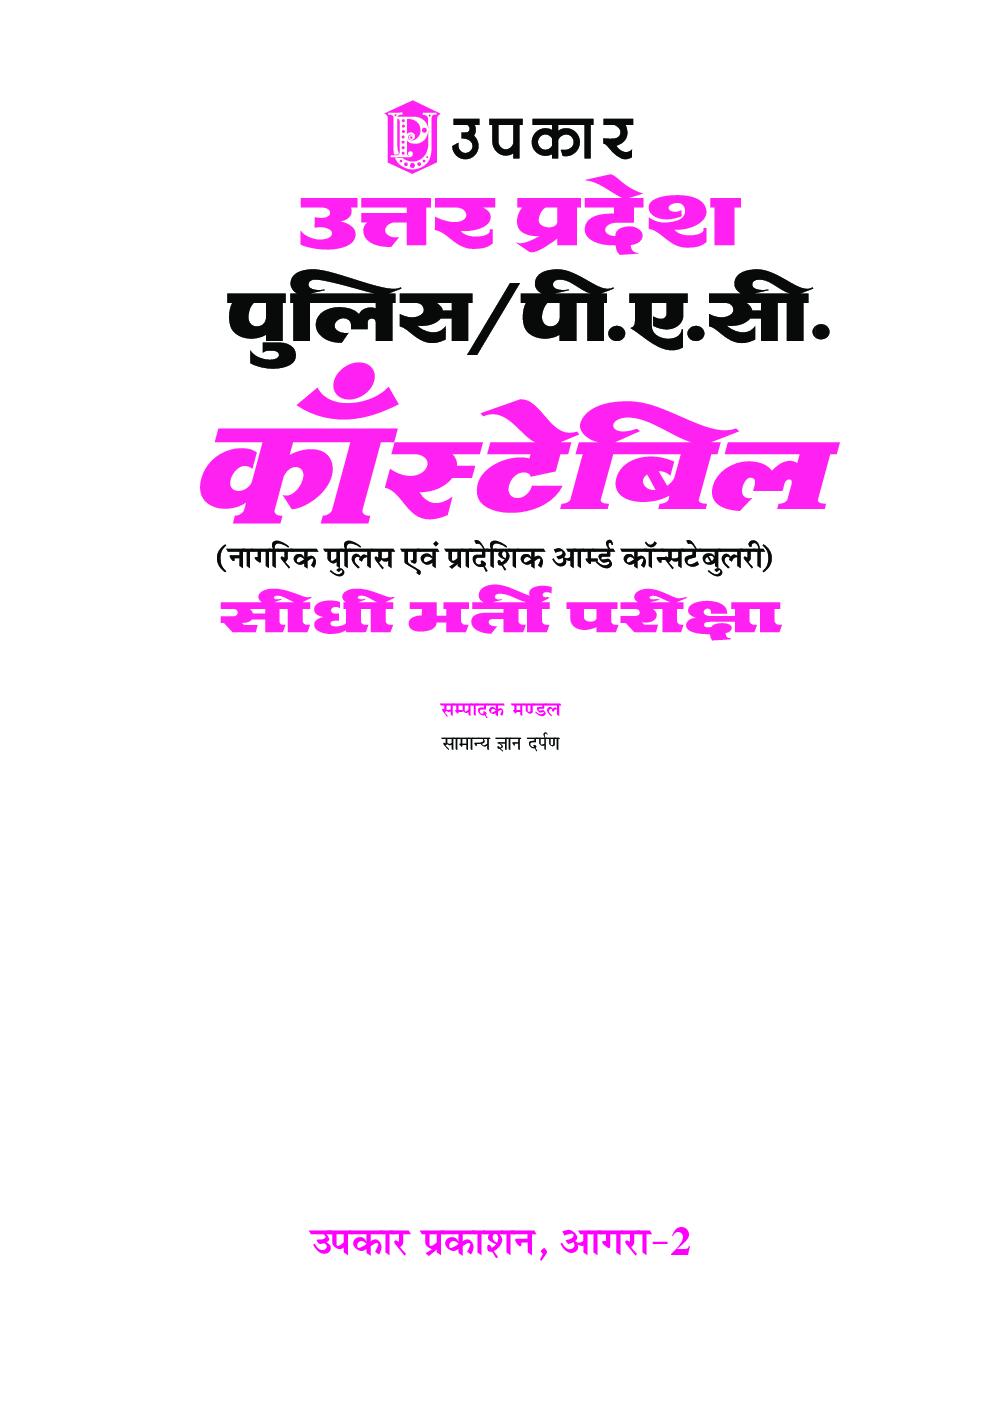 उत्तरप्रदेश पुलिस/ पी.ए.सी. कॉंस्टेबल प्रारंभिक परीक्षा Revised Edition - Page 2